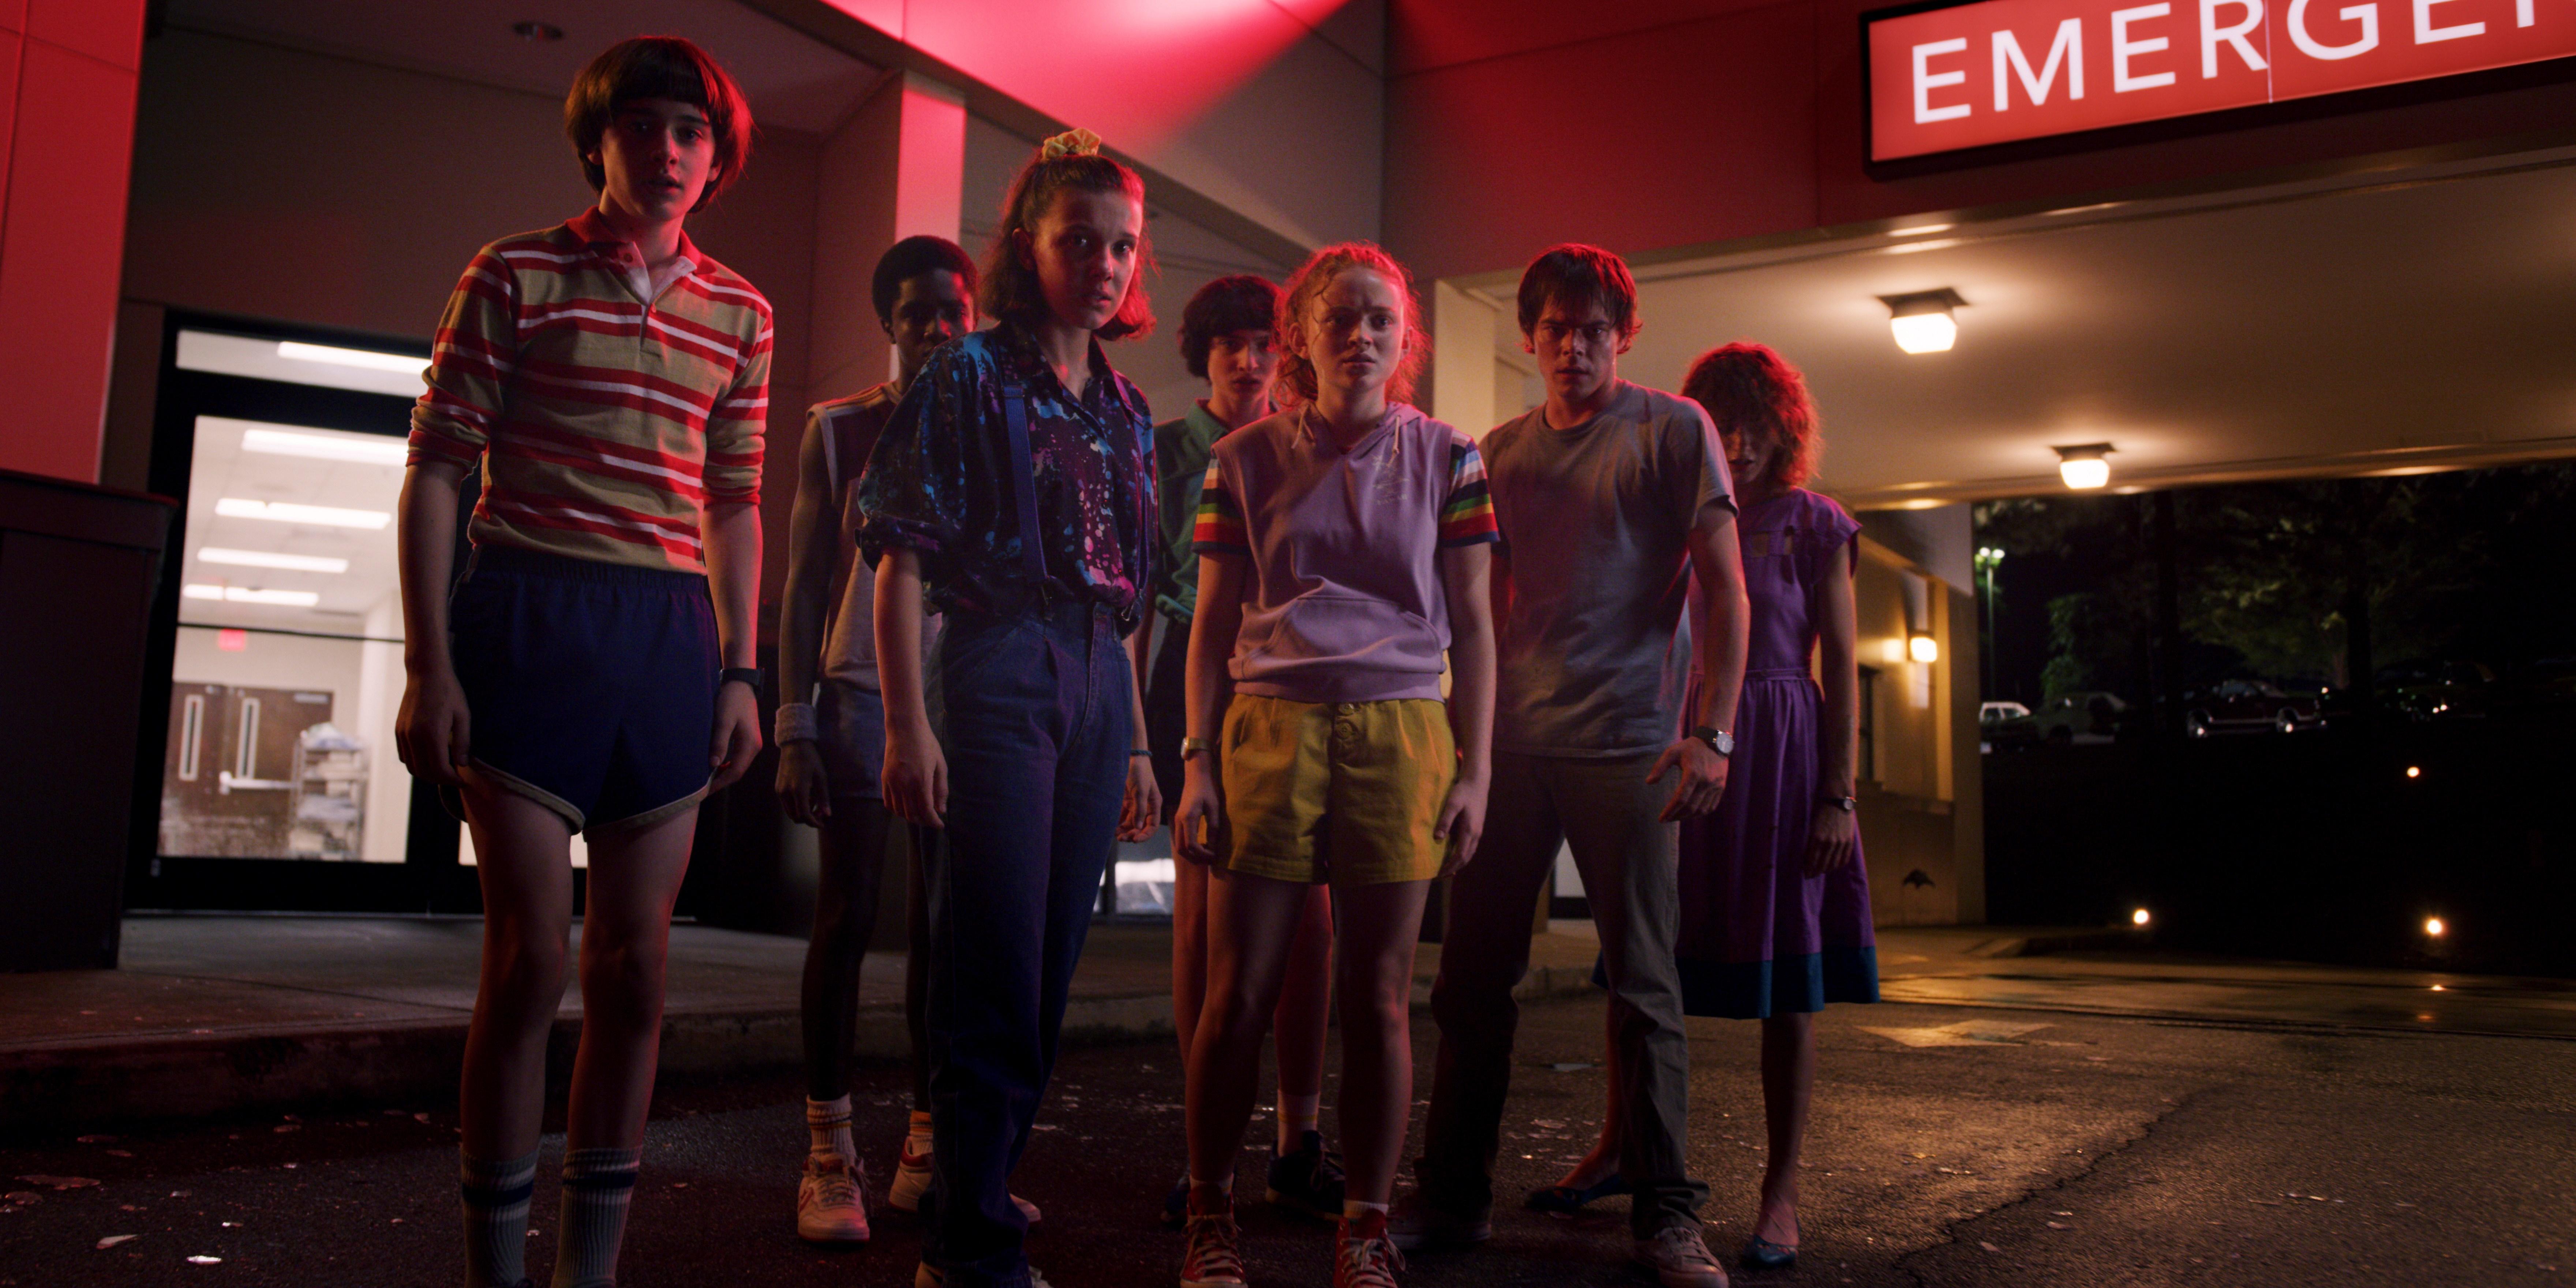 """""""Un verano puede cambiarlo todo"""". Ese es el lema del primer tráiler de la tercera temporada de """"Stranger Things"""". (Foto Prensa Libre: Netflix)"""